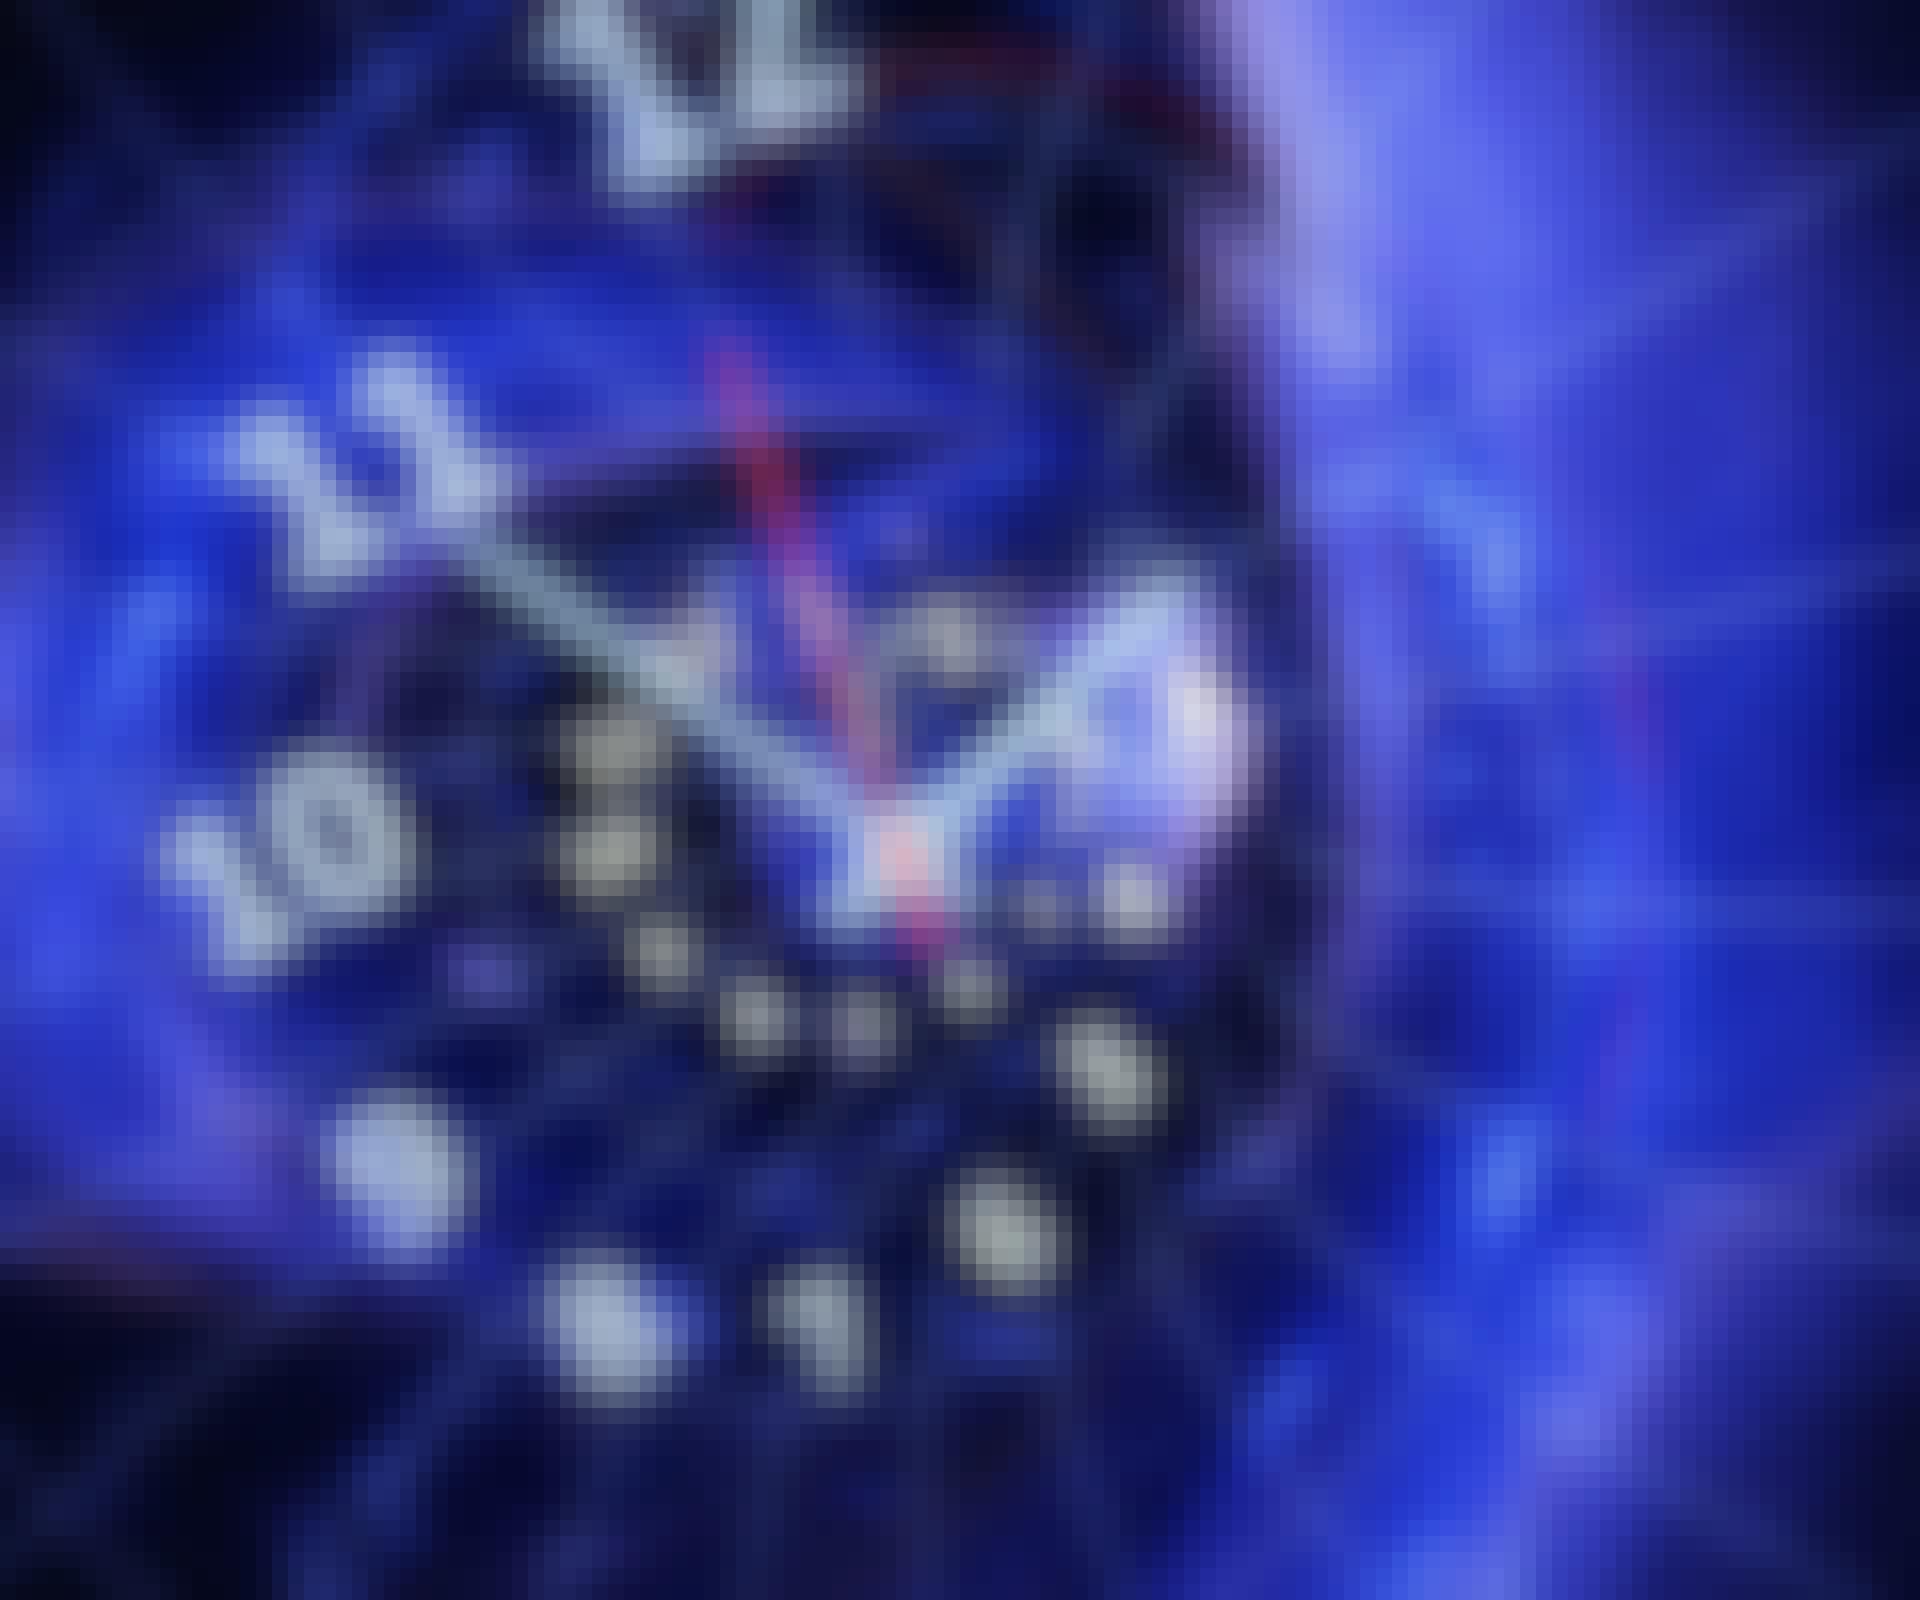 Tijd is de vierde dimensie